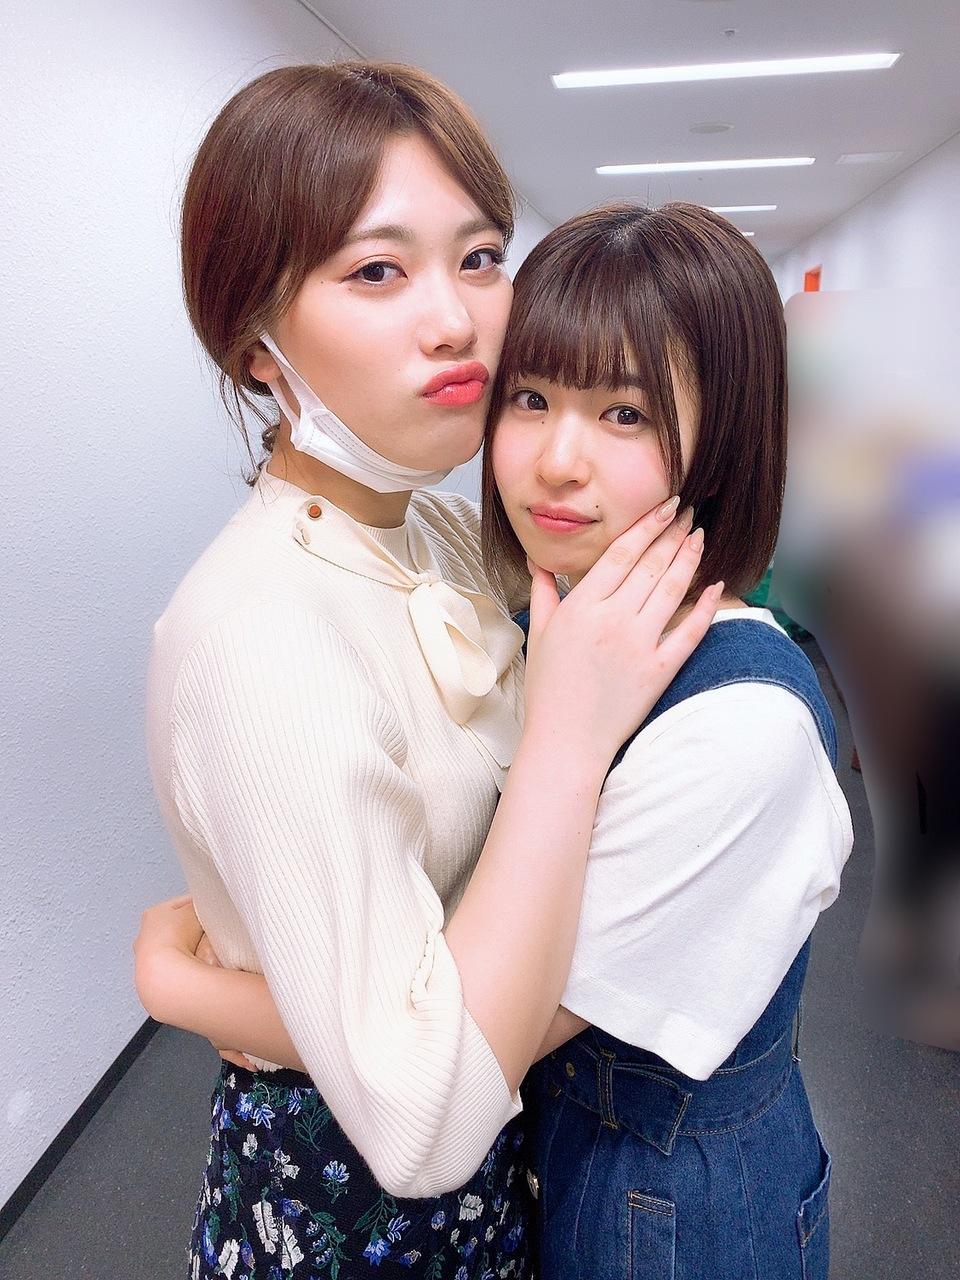 日向坂46メンバーブログまとめ2019年5月28日